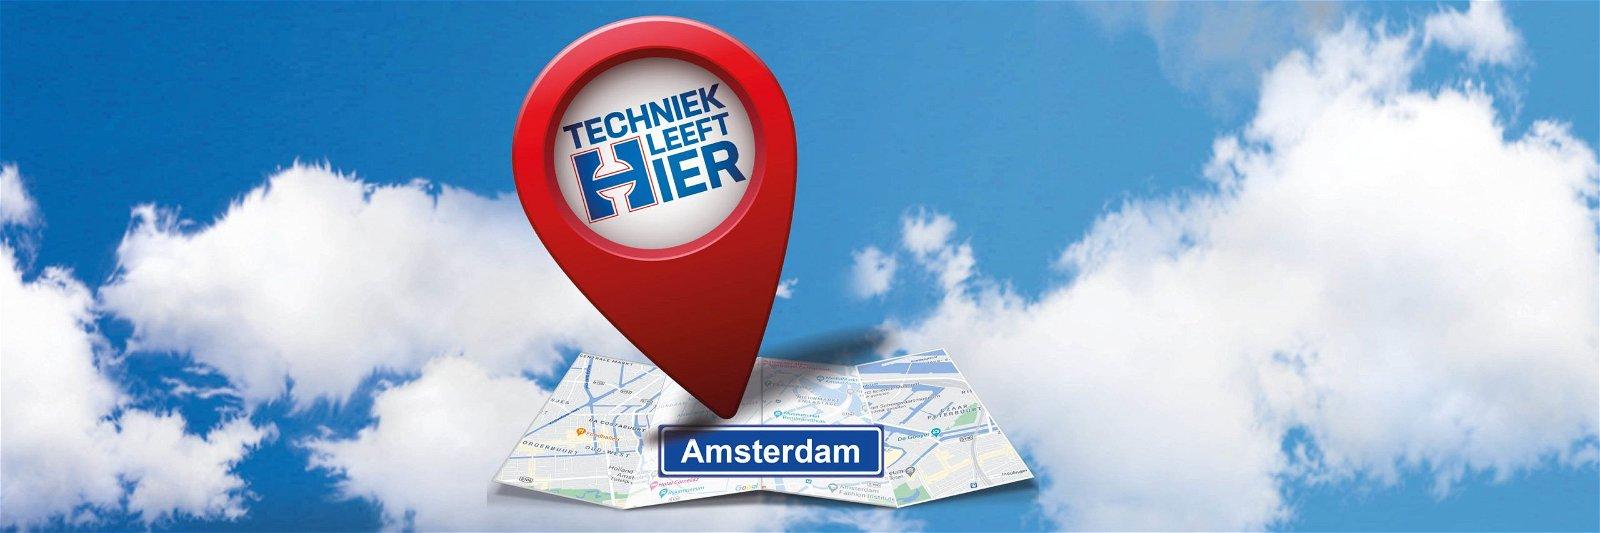 Hoppenbrouwers introduceert tweede virtuele vestiging in Amsterdam